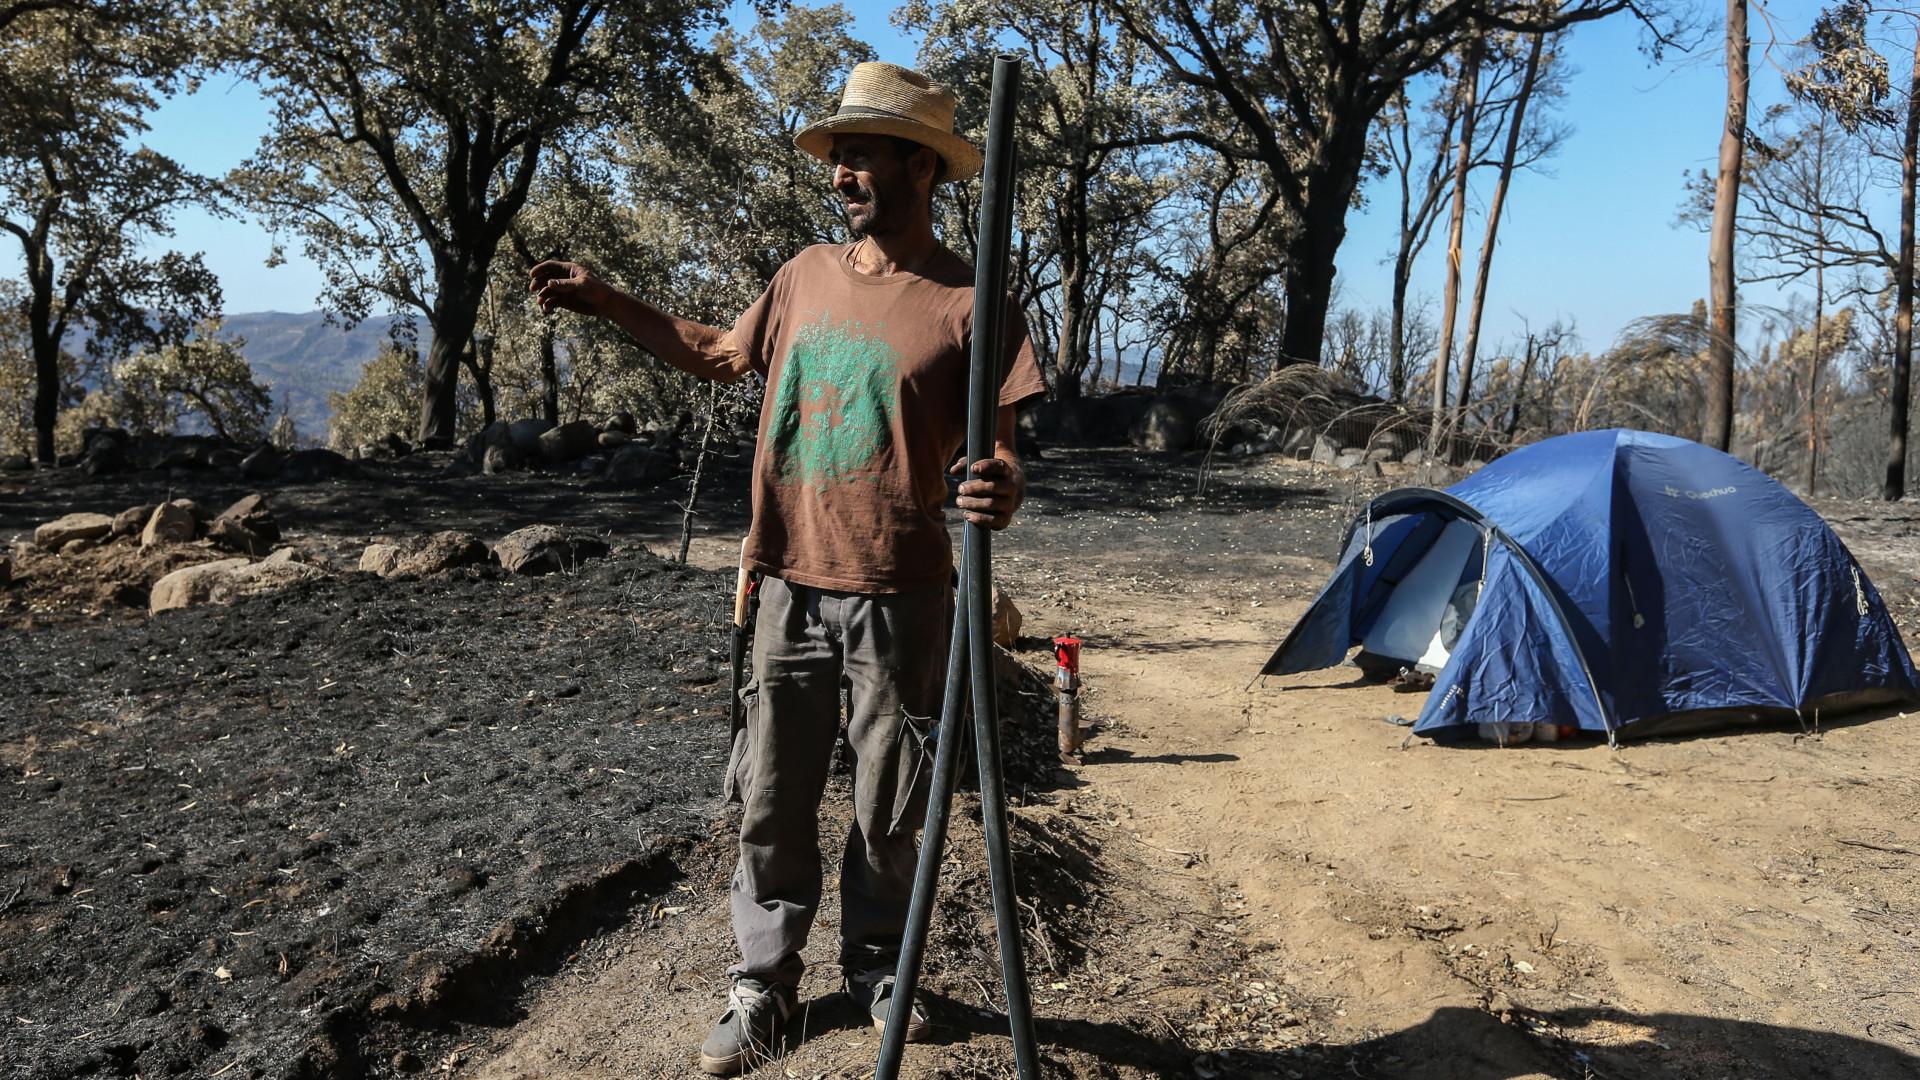 Há quem durma em tendas no meio da cinza enquanto reconstrói o que perdeu